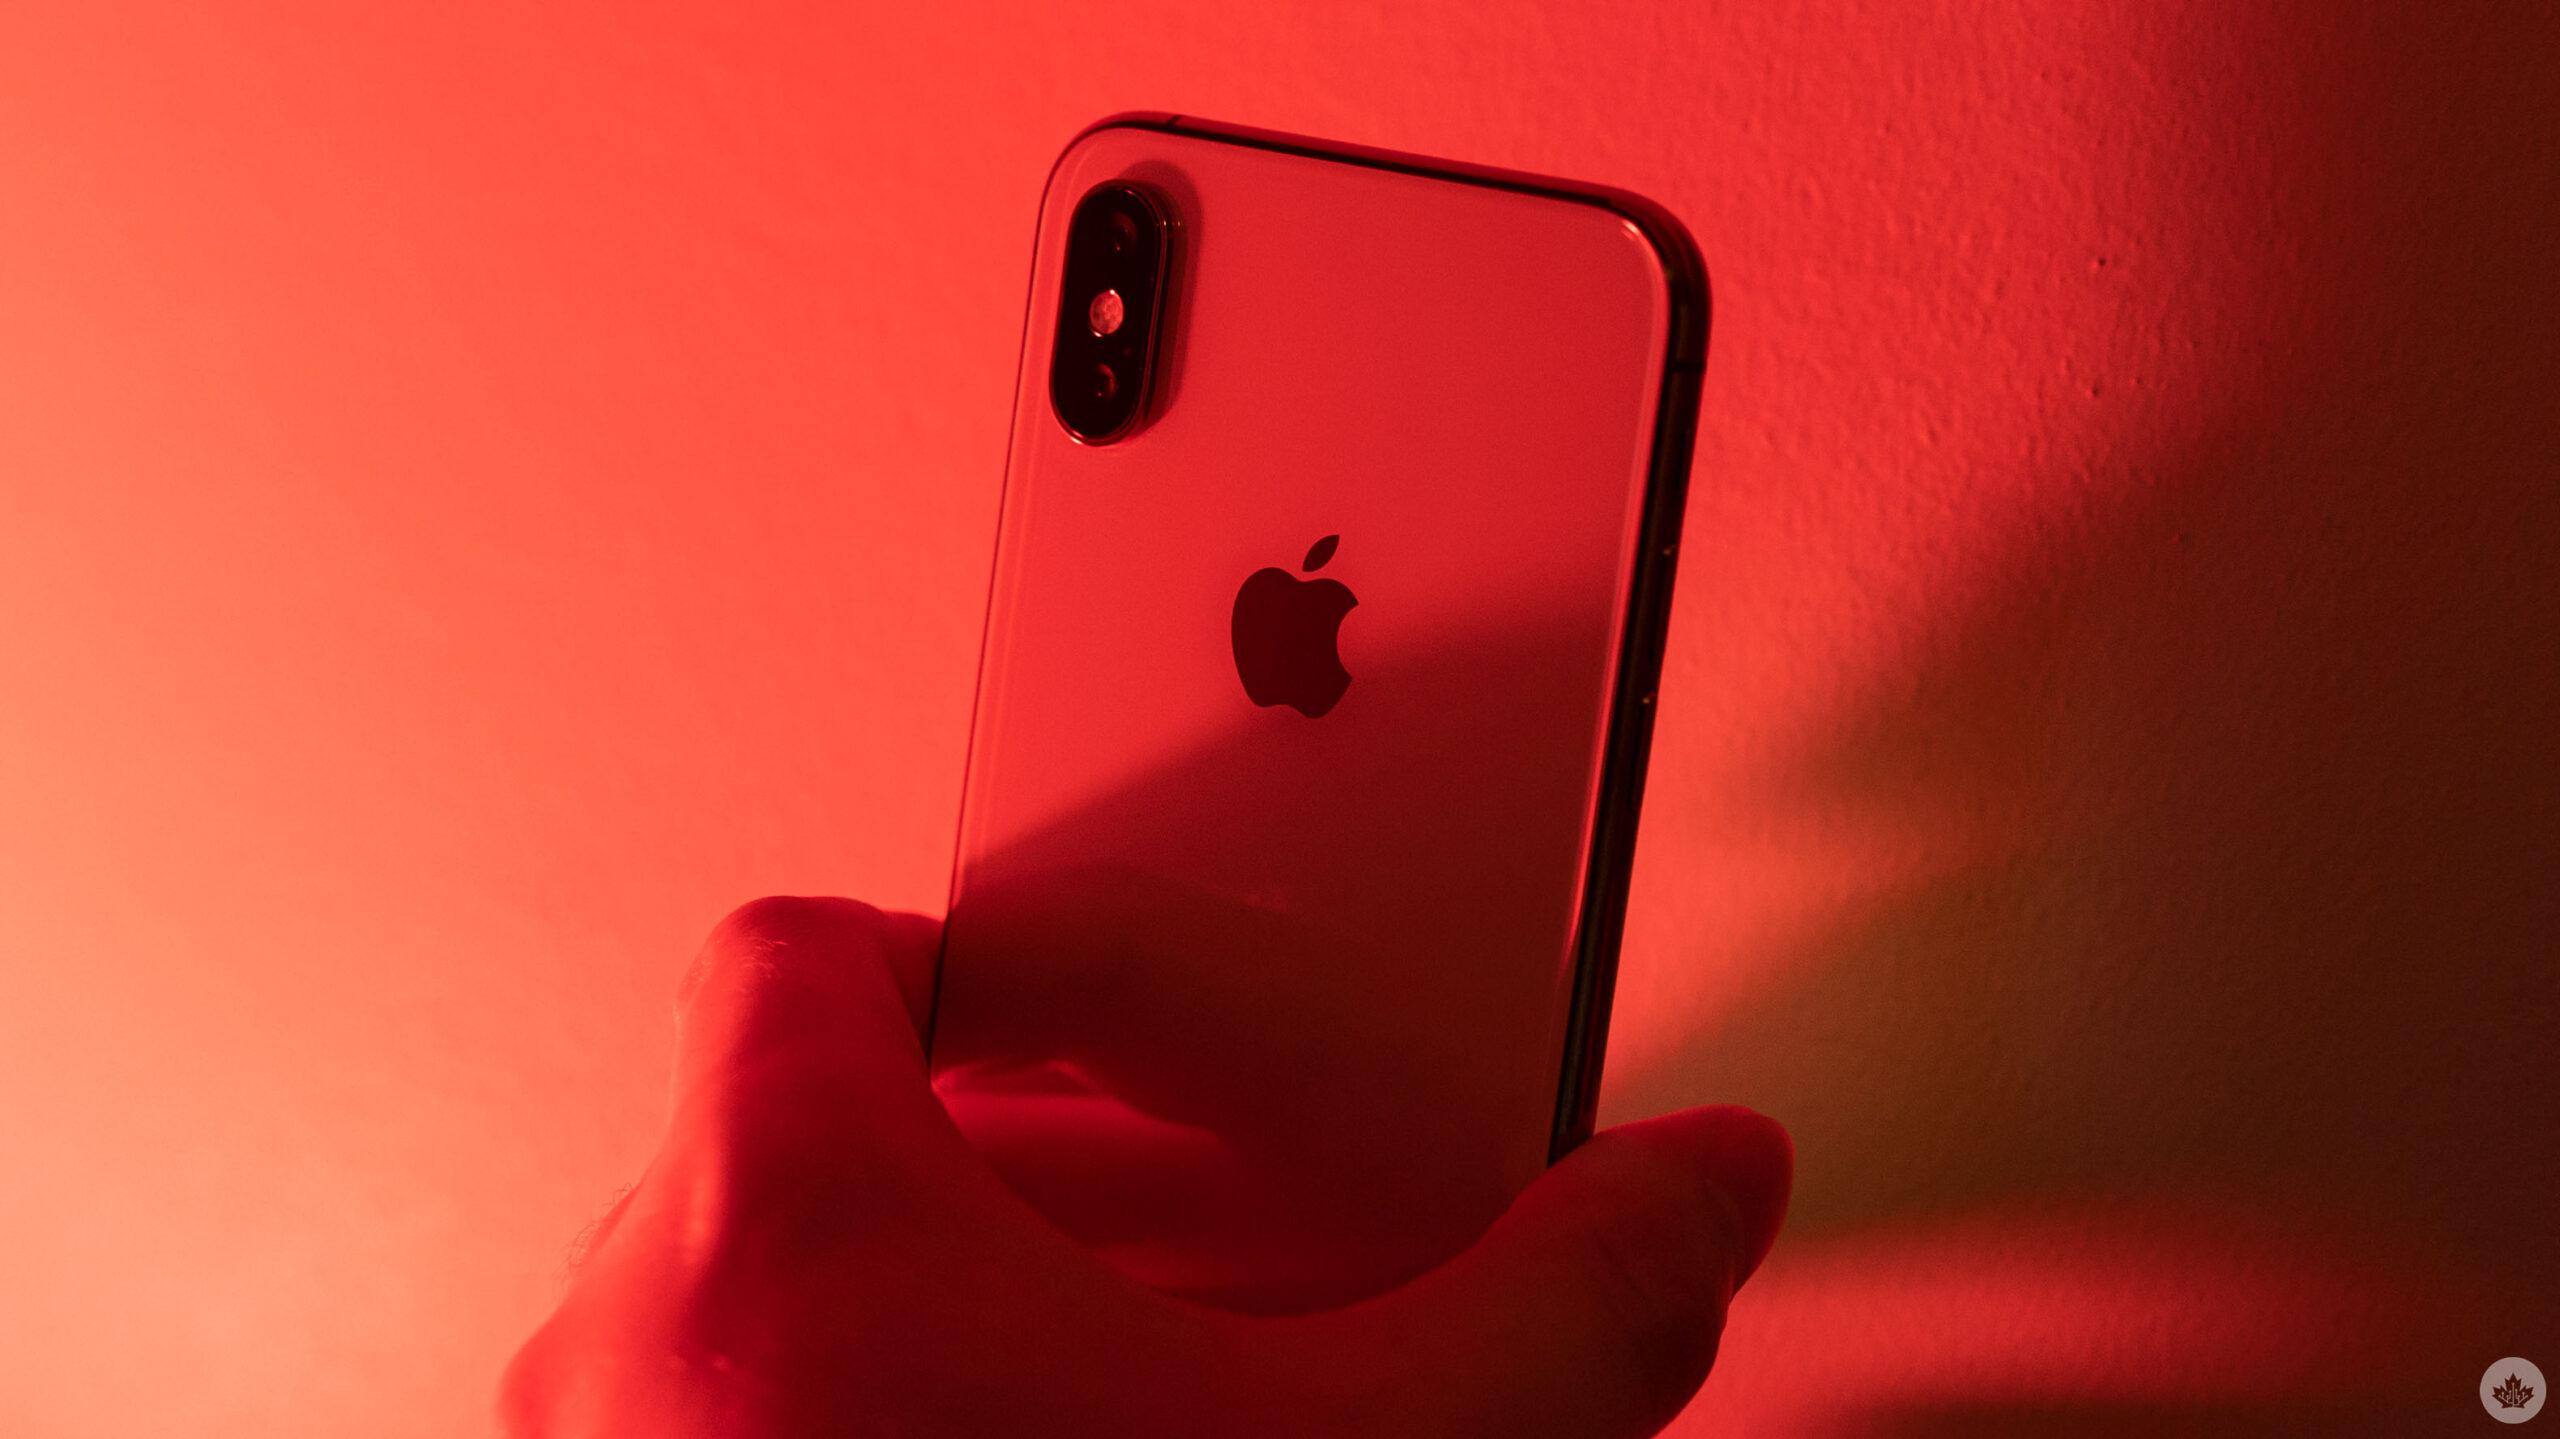 Apple logo on an iPhone